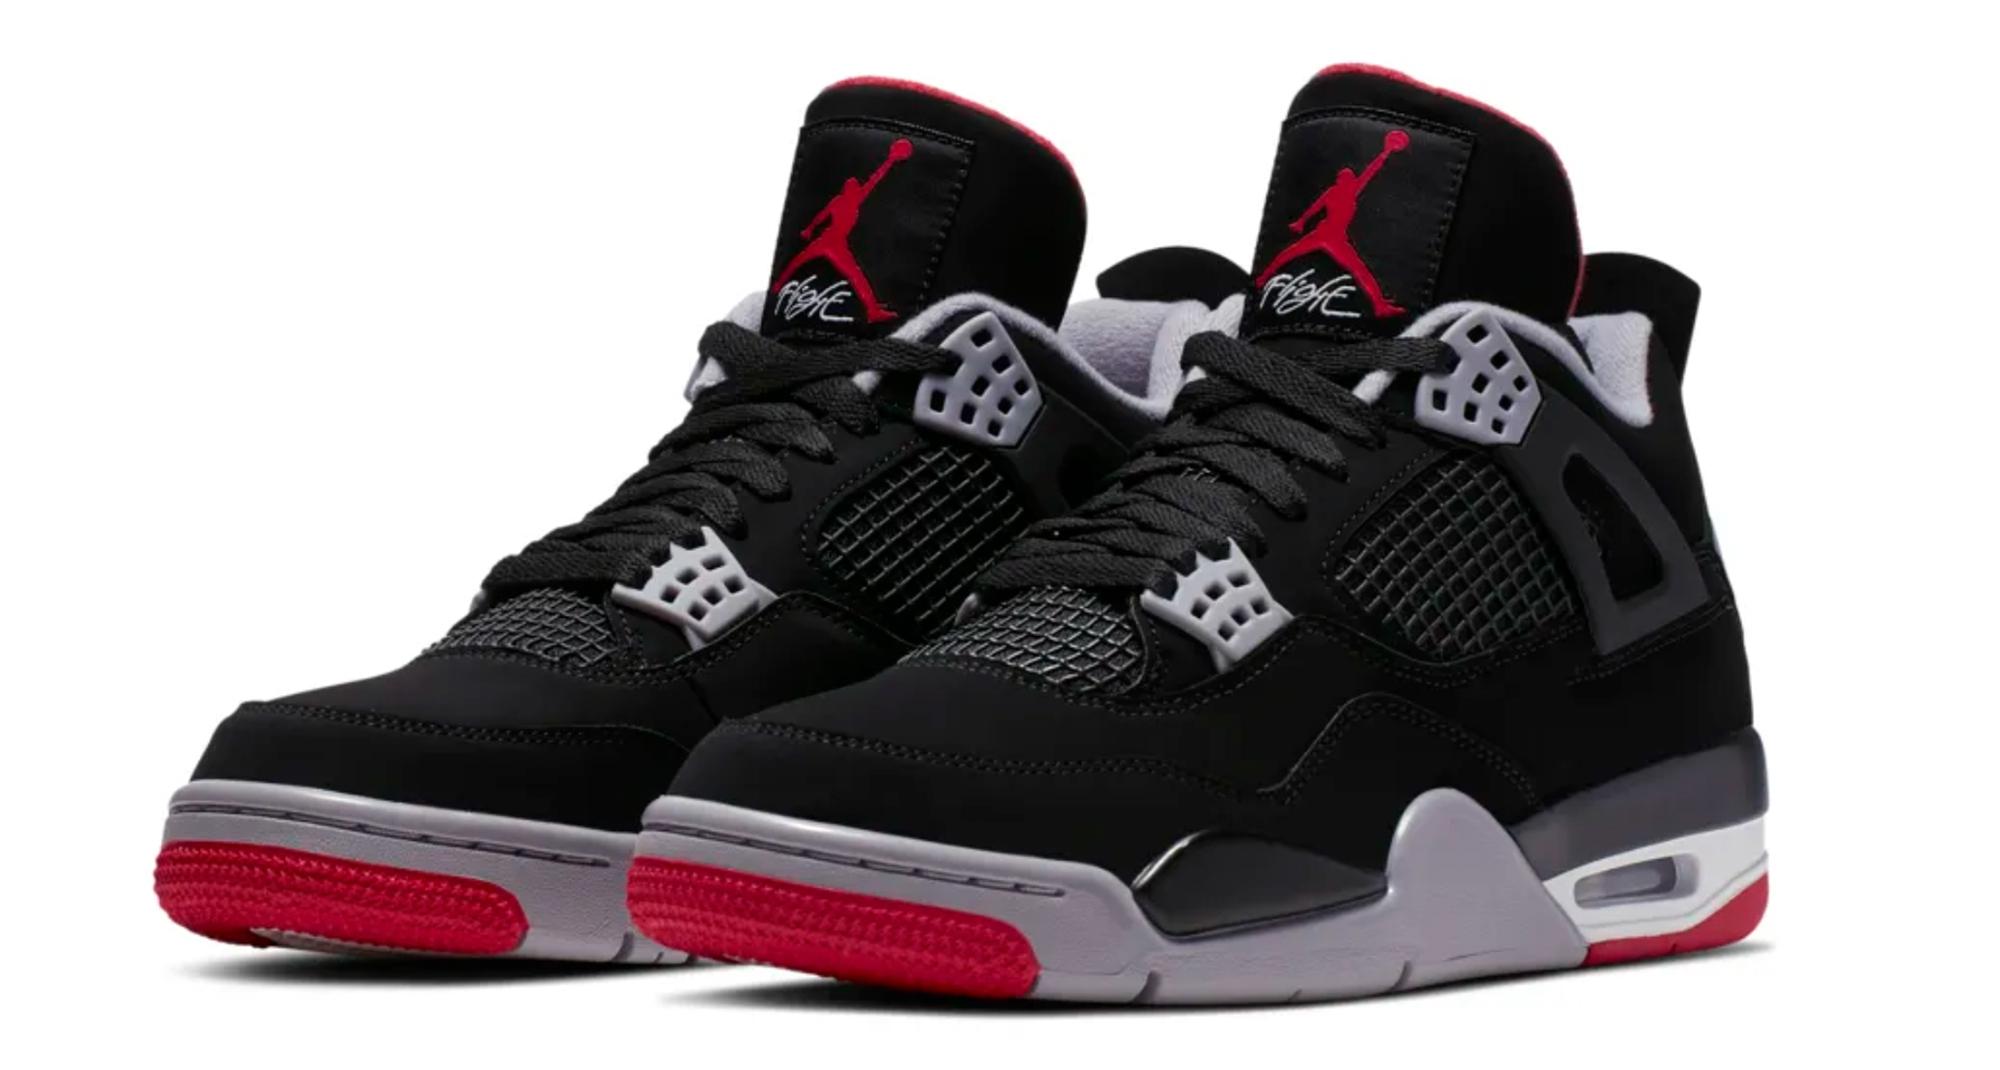 Air Jordan IV 'Bred' OG